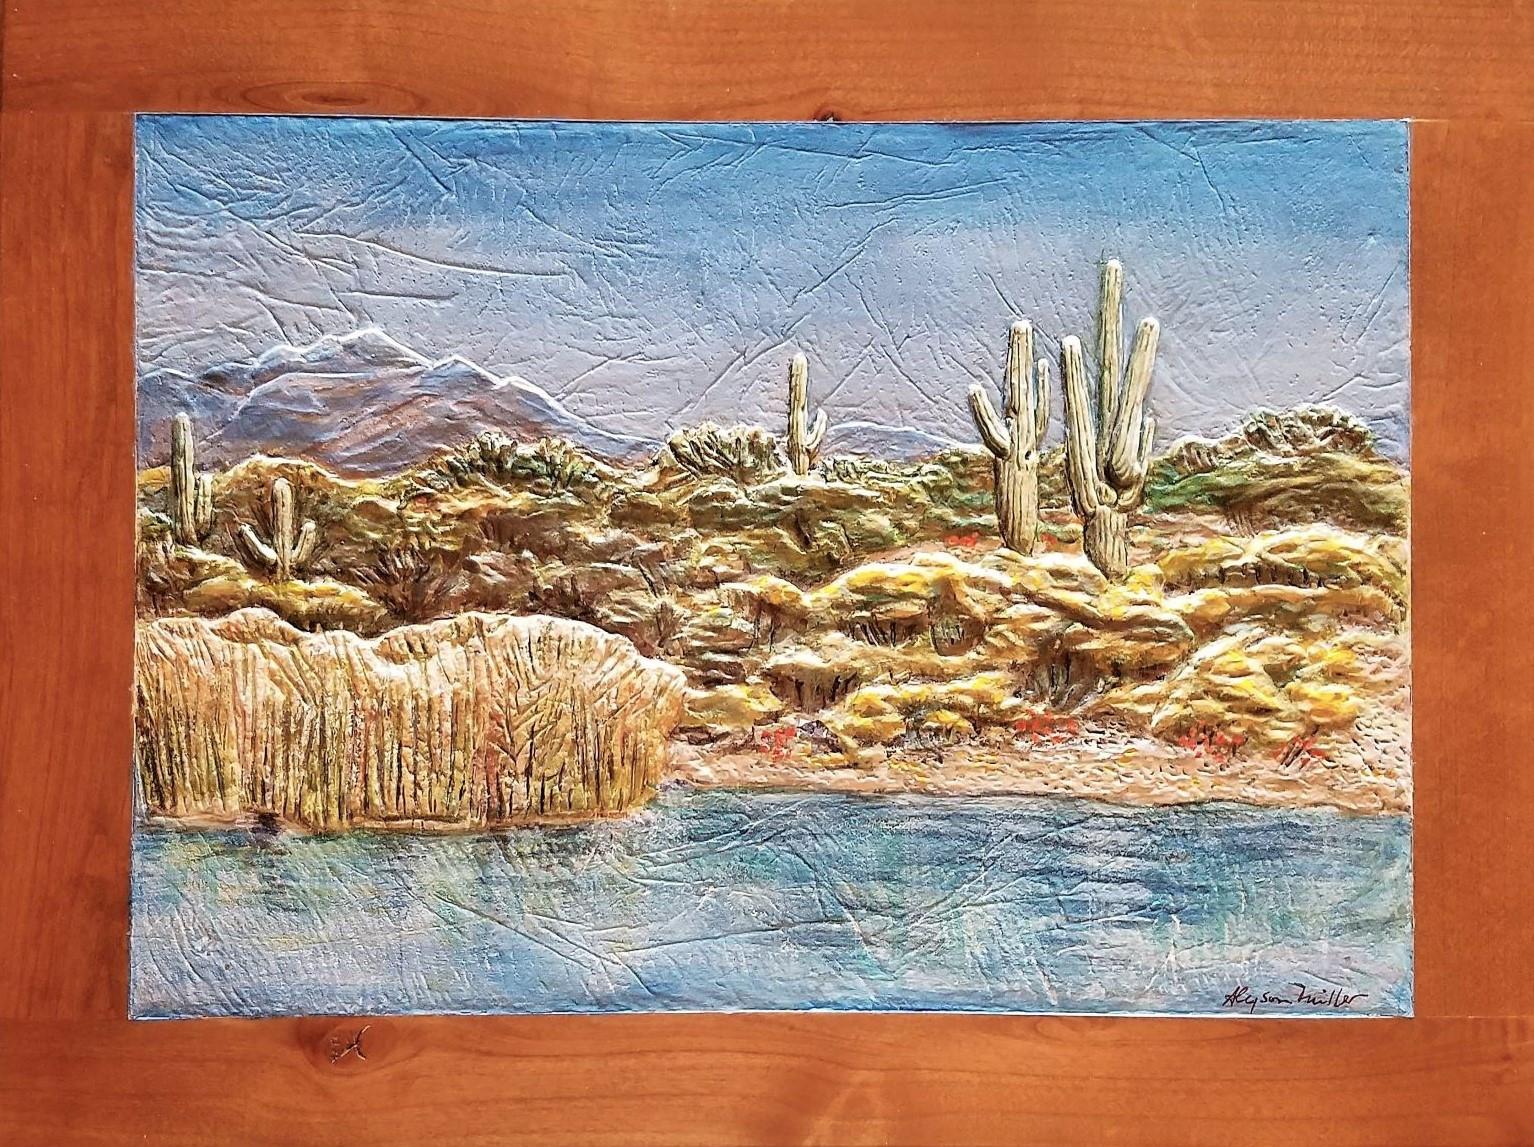 On Saguaro Lake